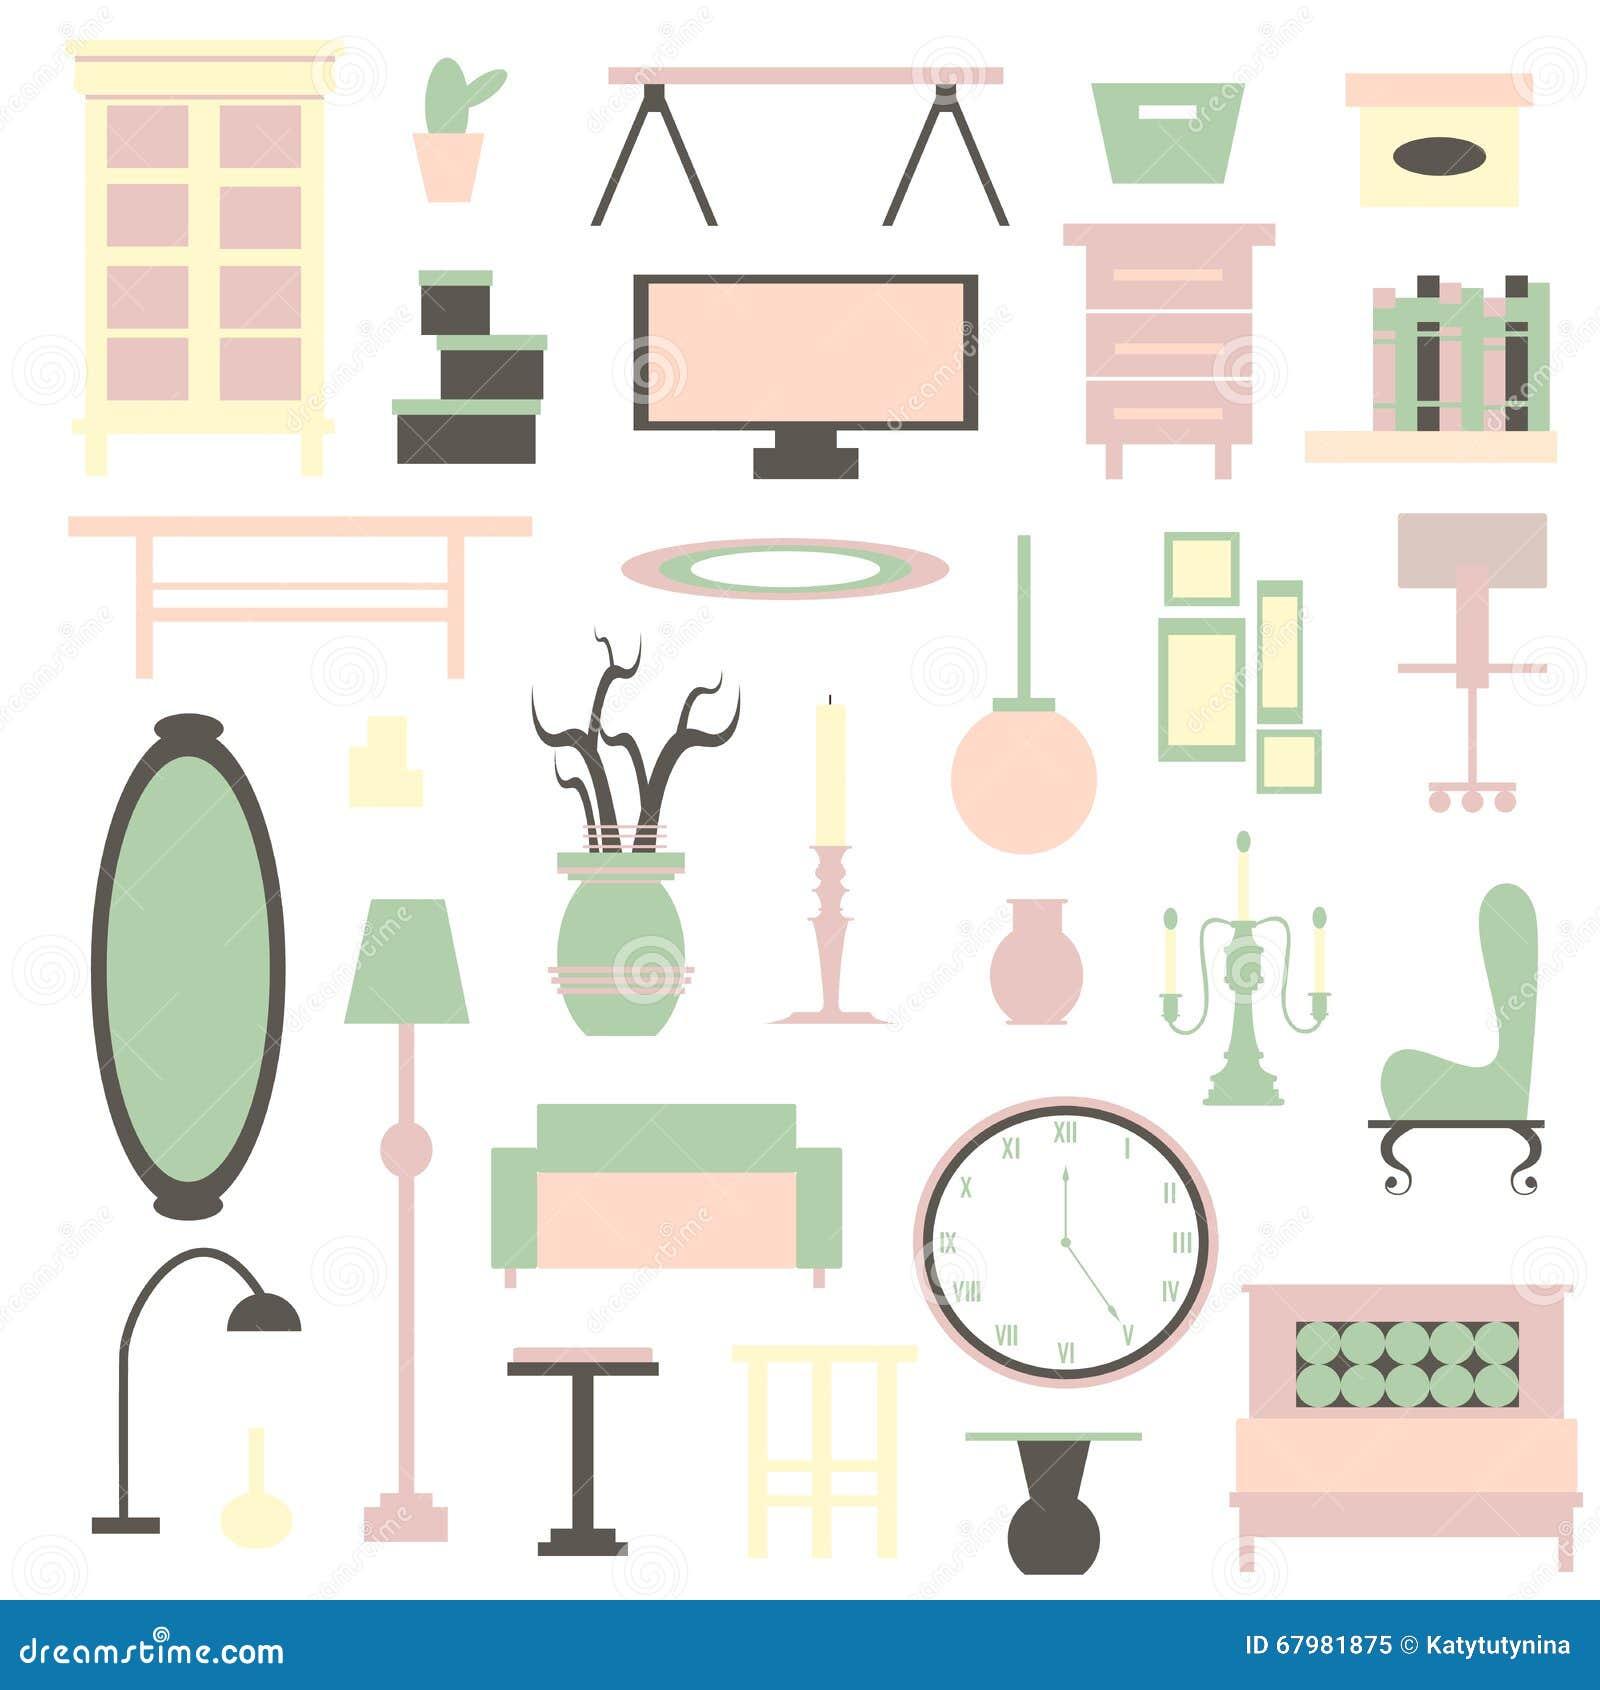 Muebles planos del aparato electrodom stico y decoraci n for Muebles en fibrofacil planos